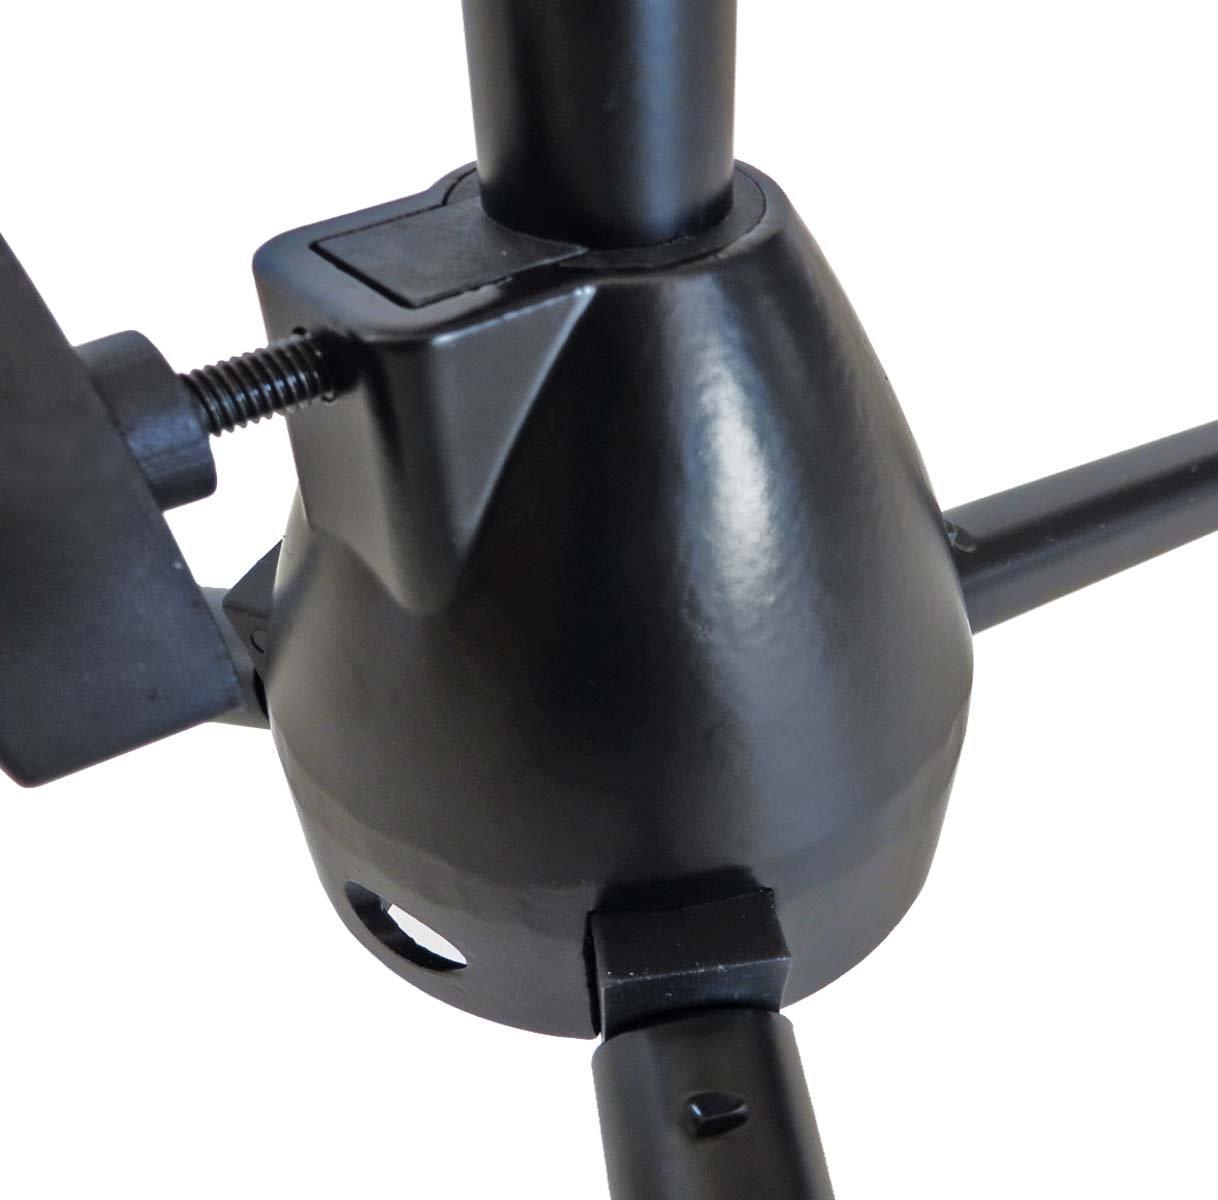 soporte de micr/ófono MS118B Soporte de micr/ófono de Keepdrum MS107B con jirafa